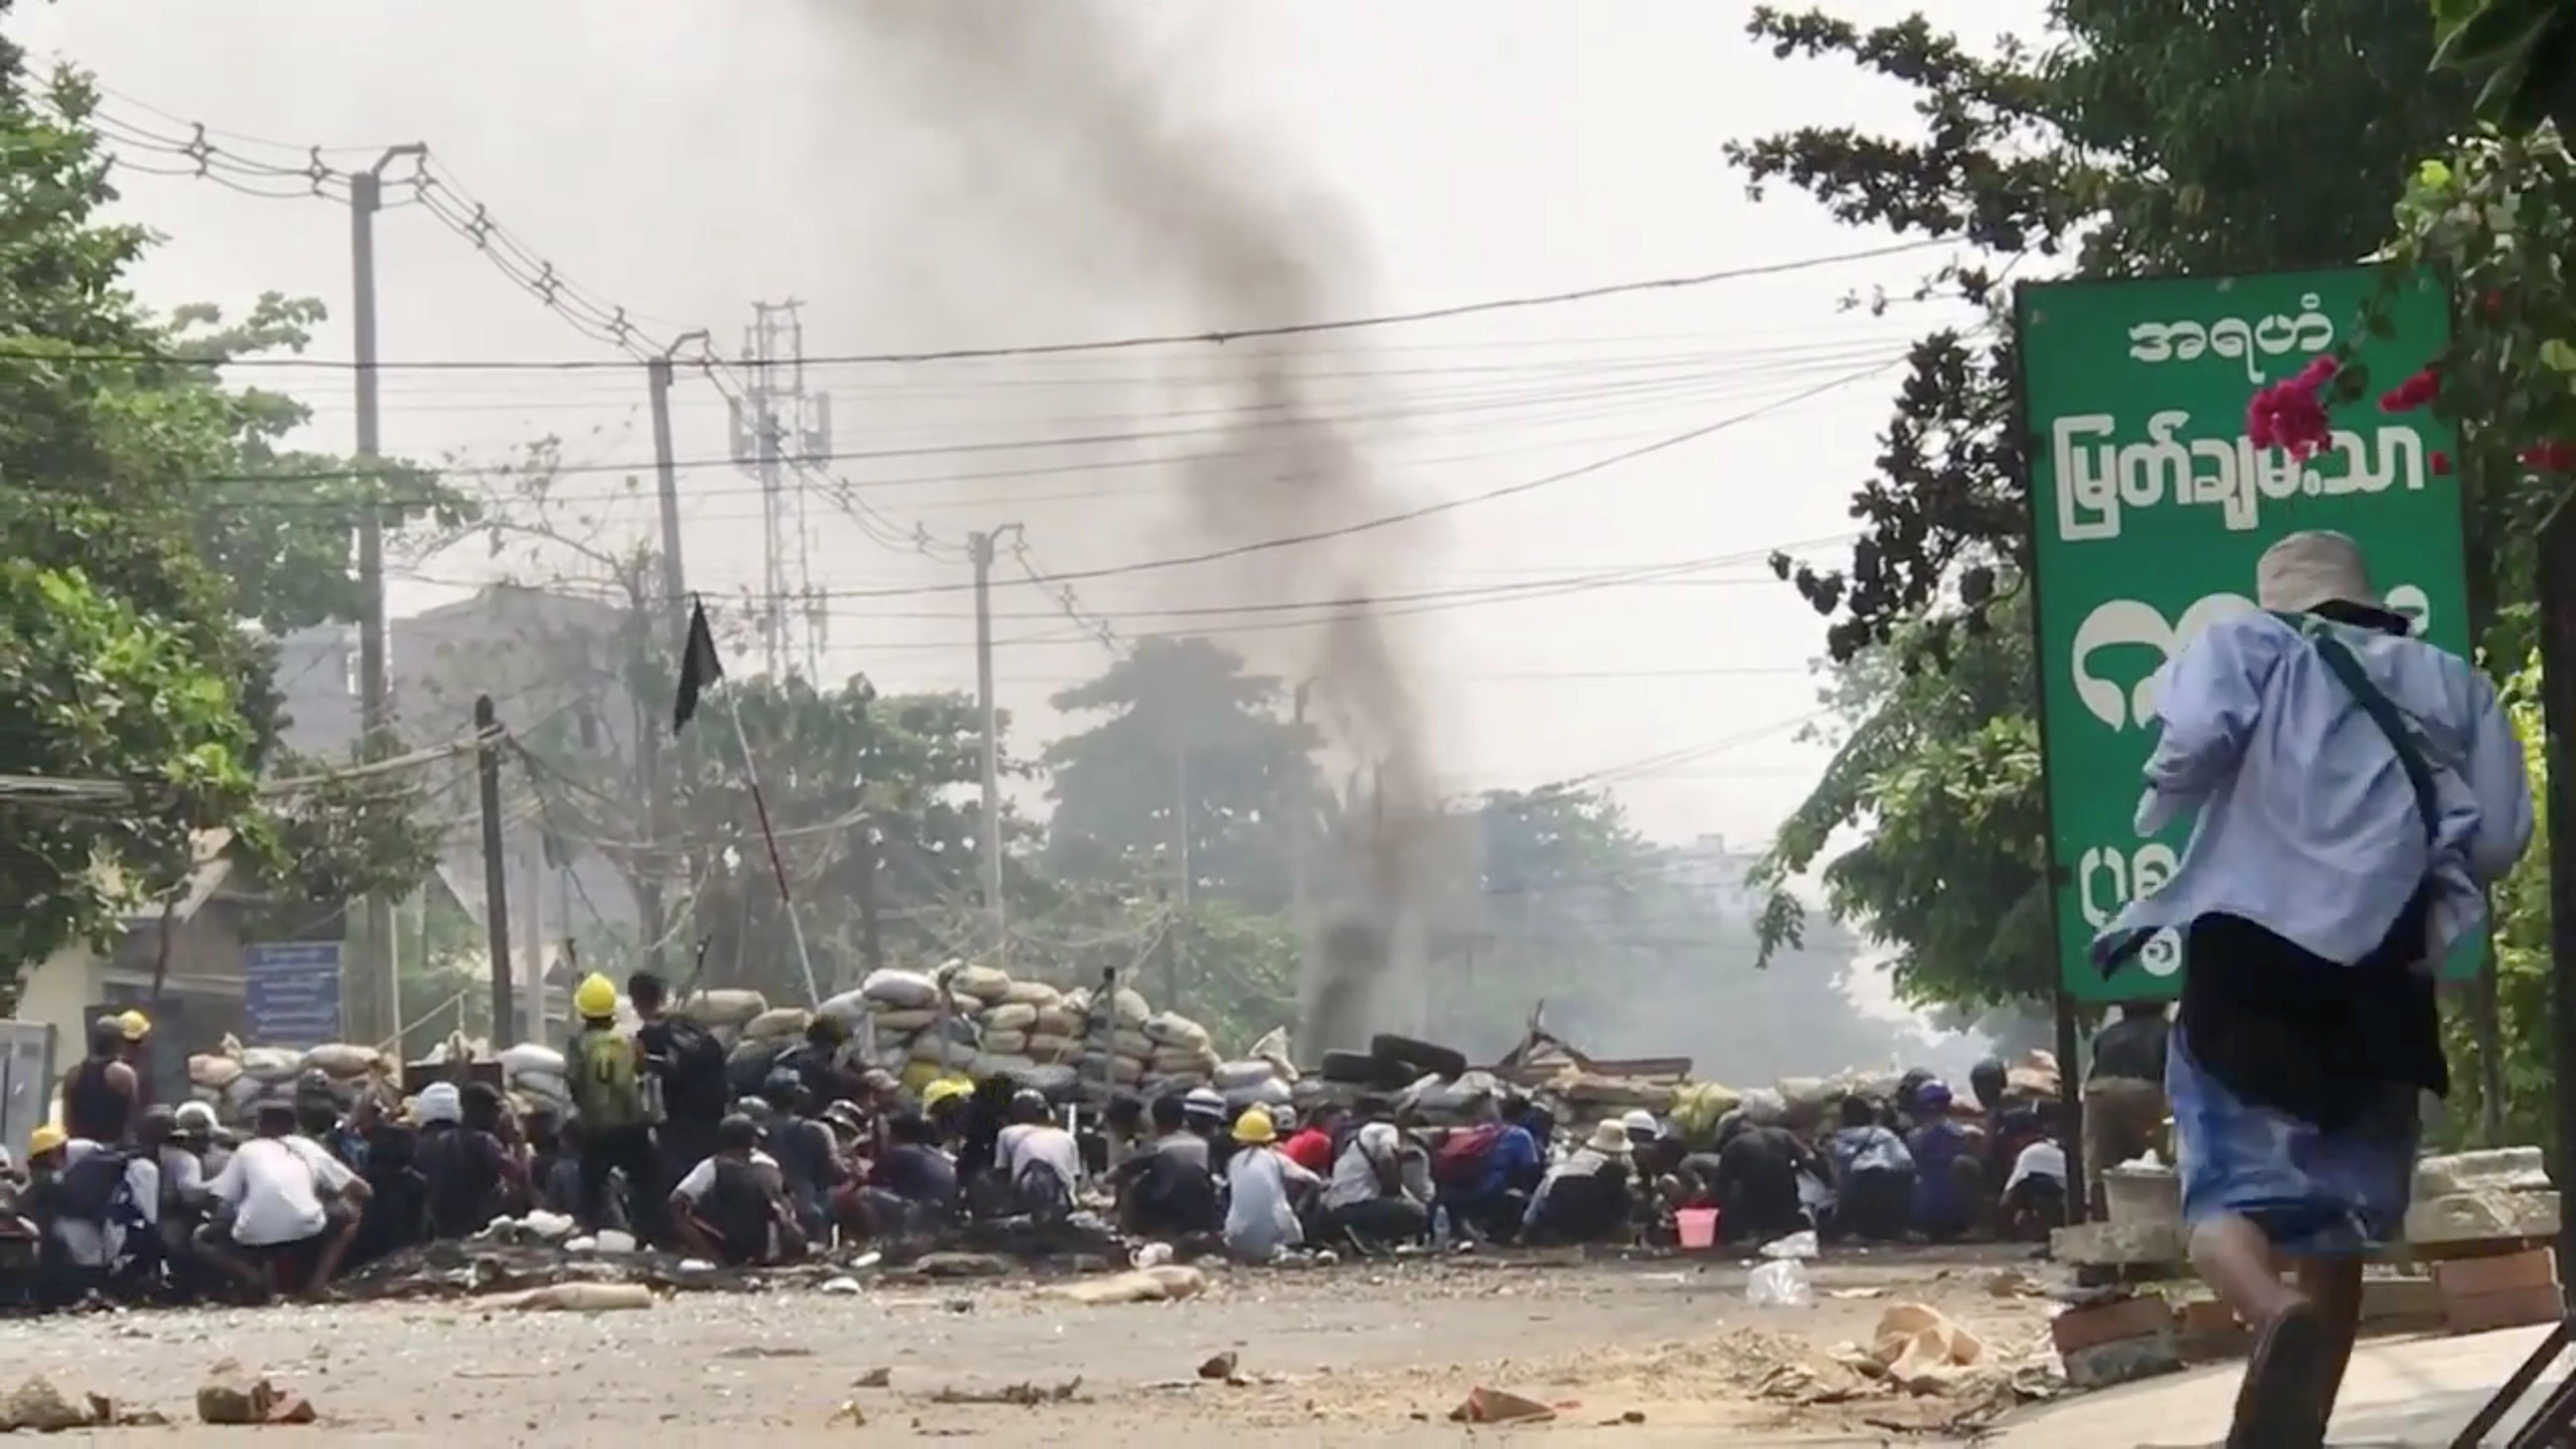 ▲▼緬甸至今已有超過520人死於軍方血腥鎮壓,圖為仰光民眾抗議之情景。(圖/路透社)